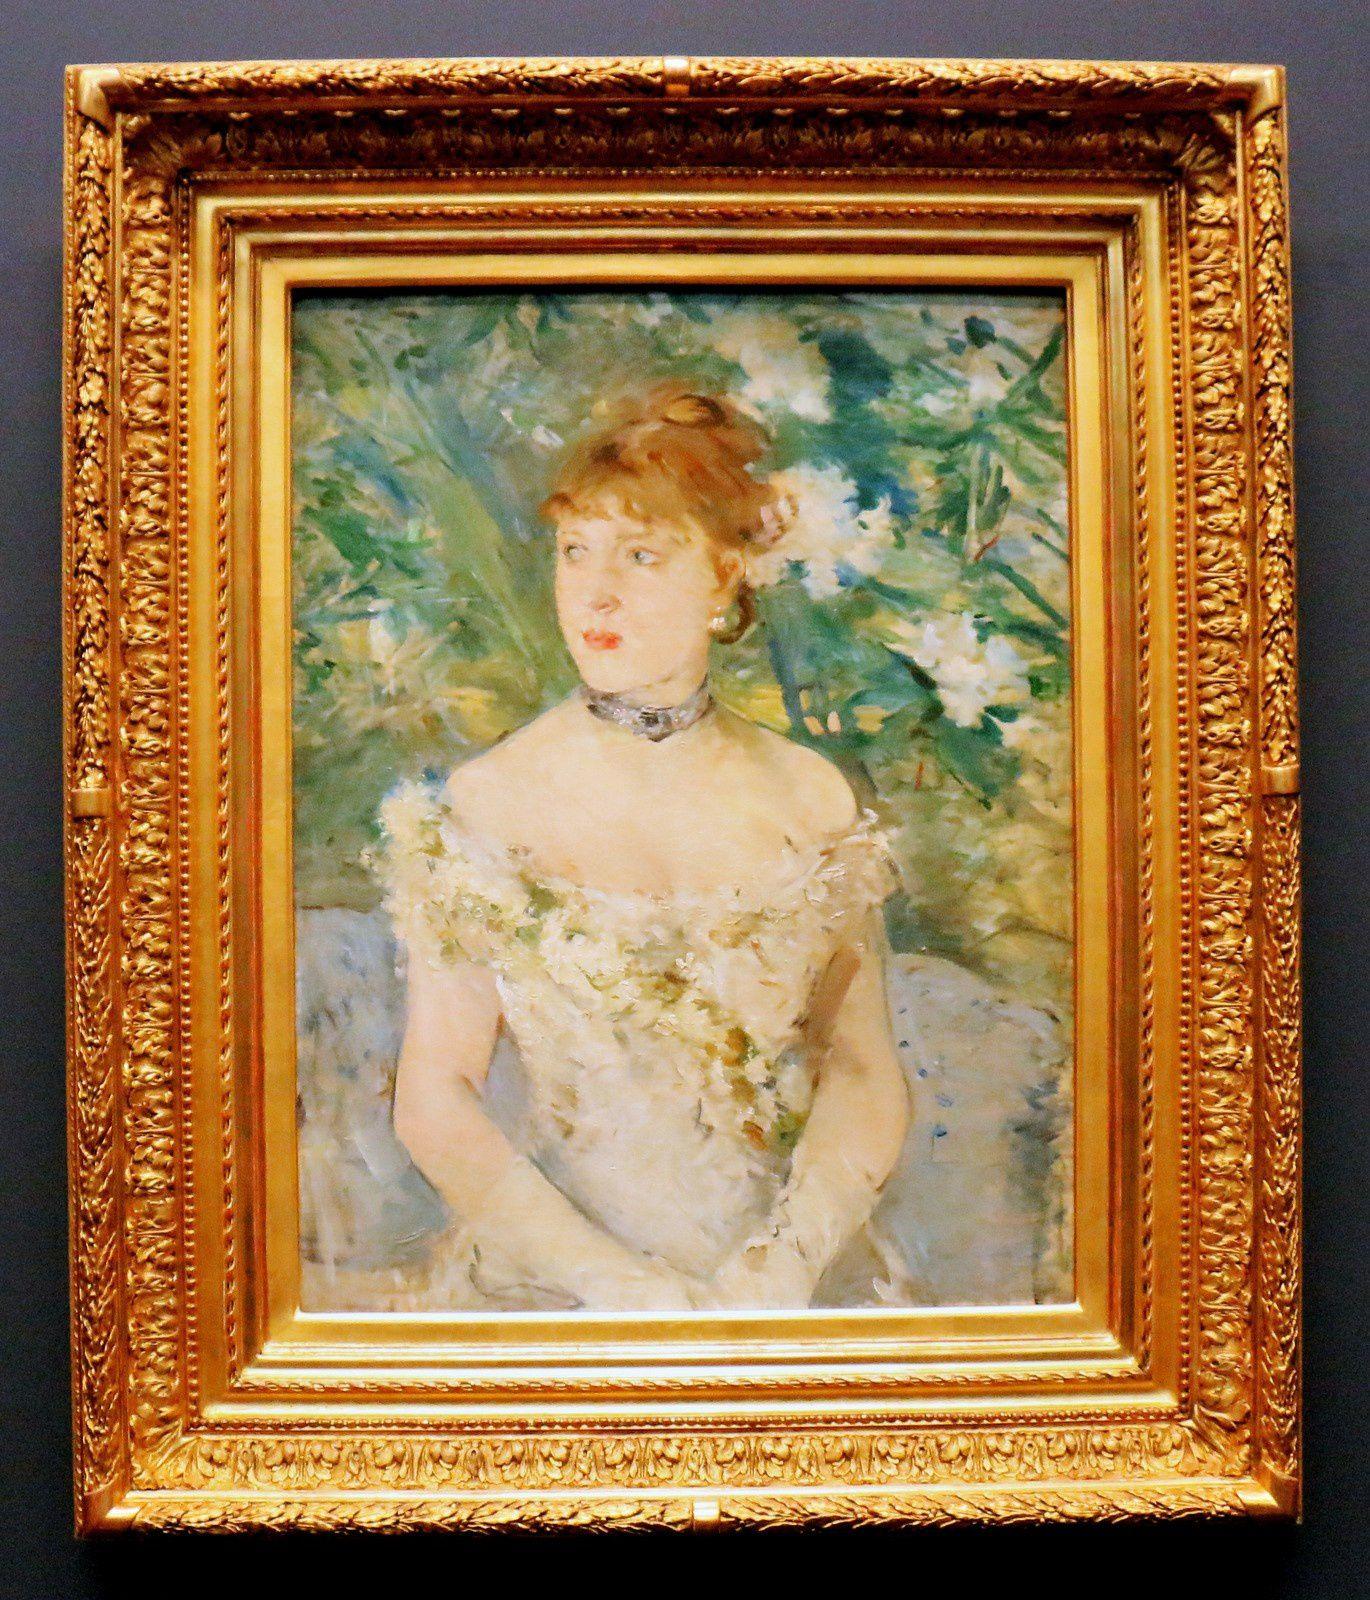 Jeune femme en tenue de bal, huile sur toile de Berthe Morisot